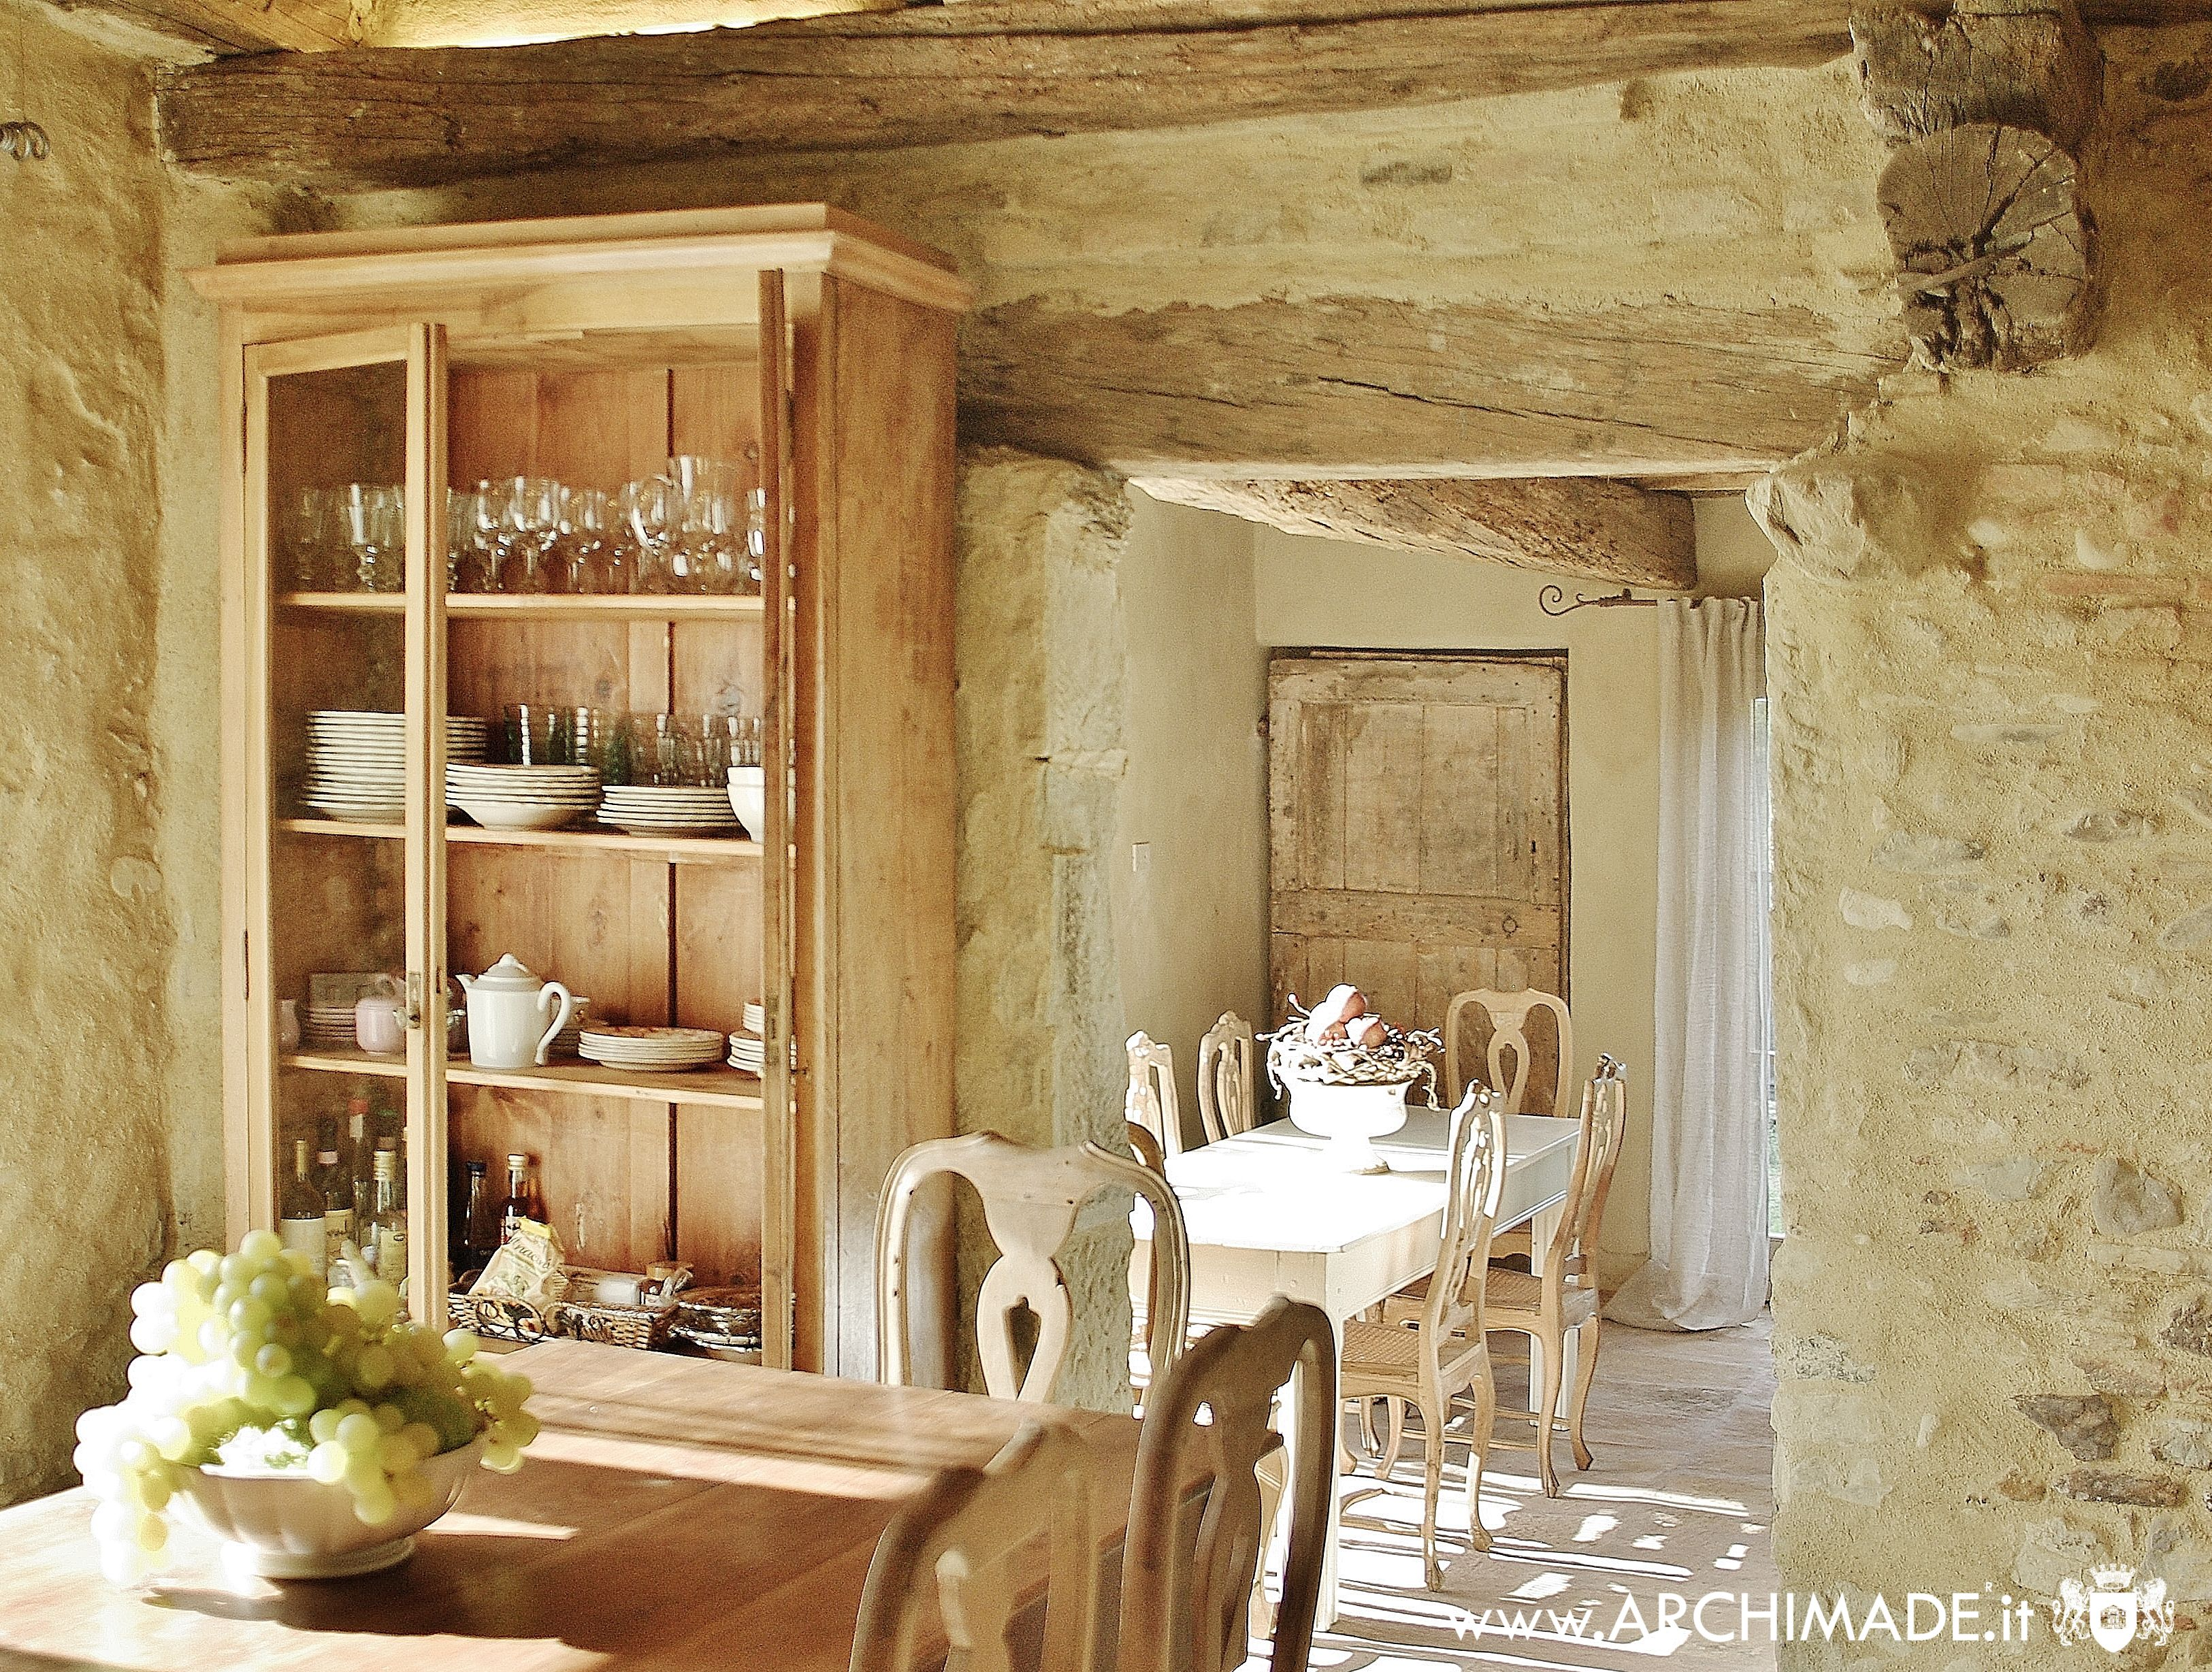 Tuscany interiors by c o u n t r y d i n for Arredamento rustico italiano